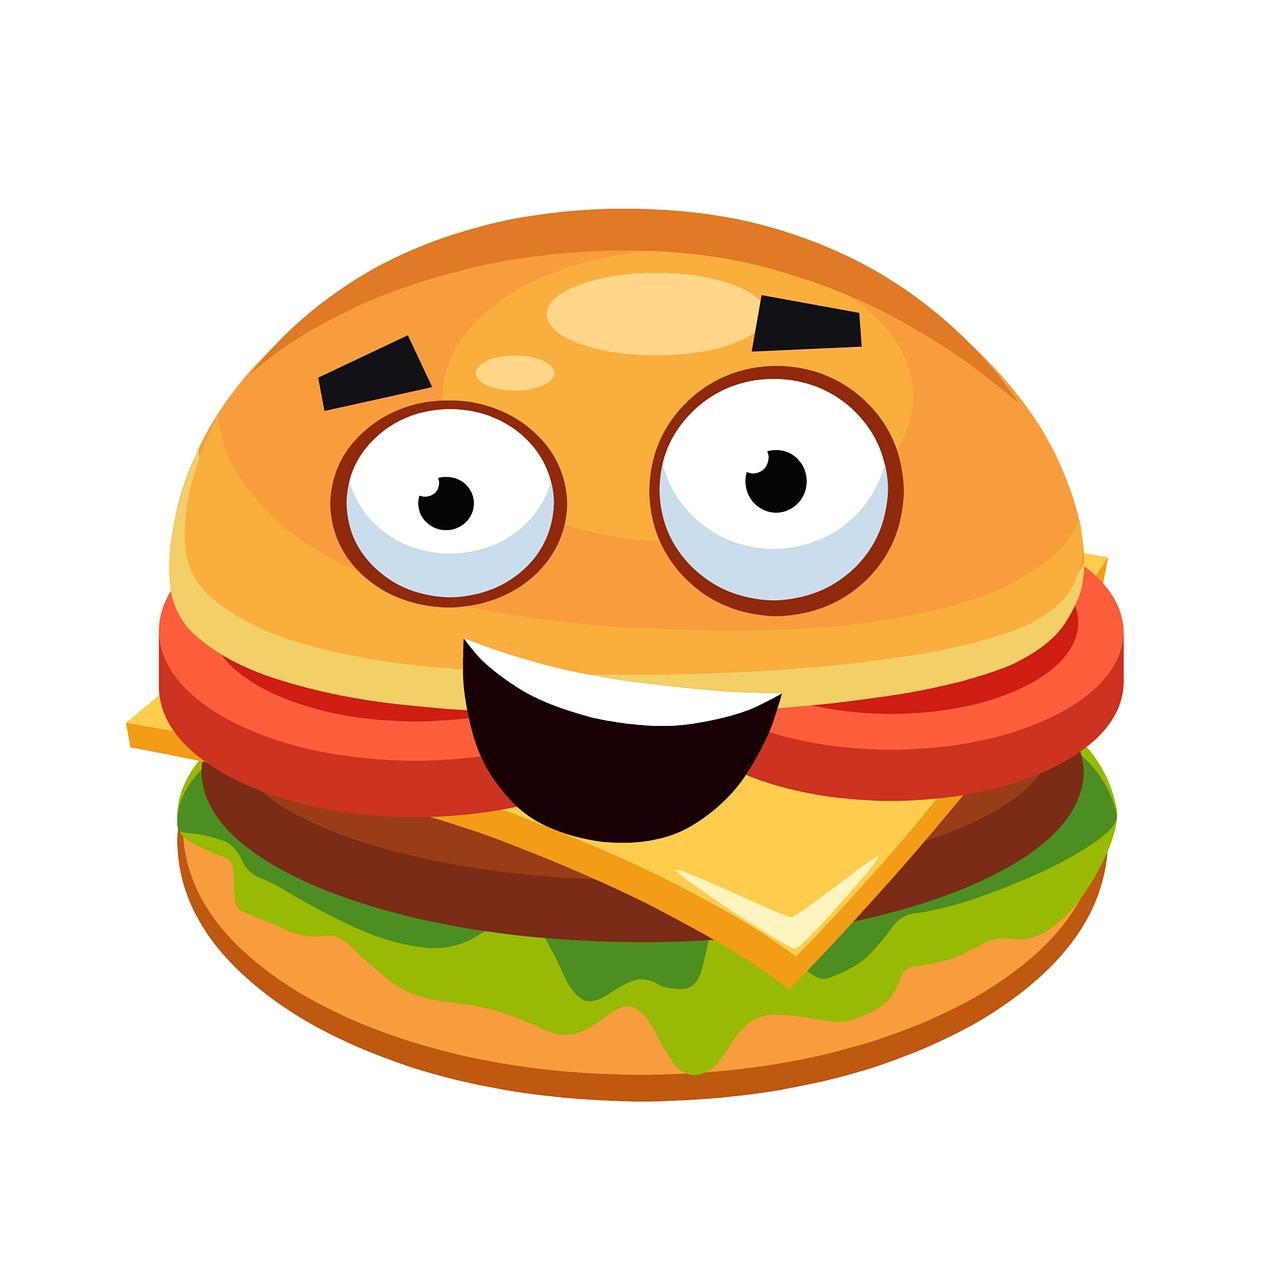 гамбургер картинки с глазами готовила